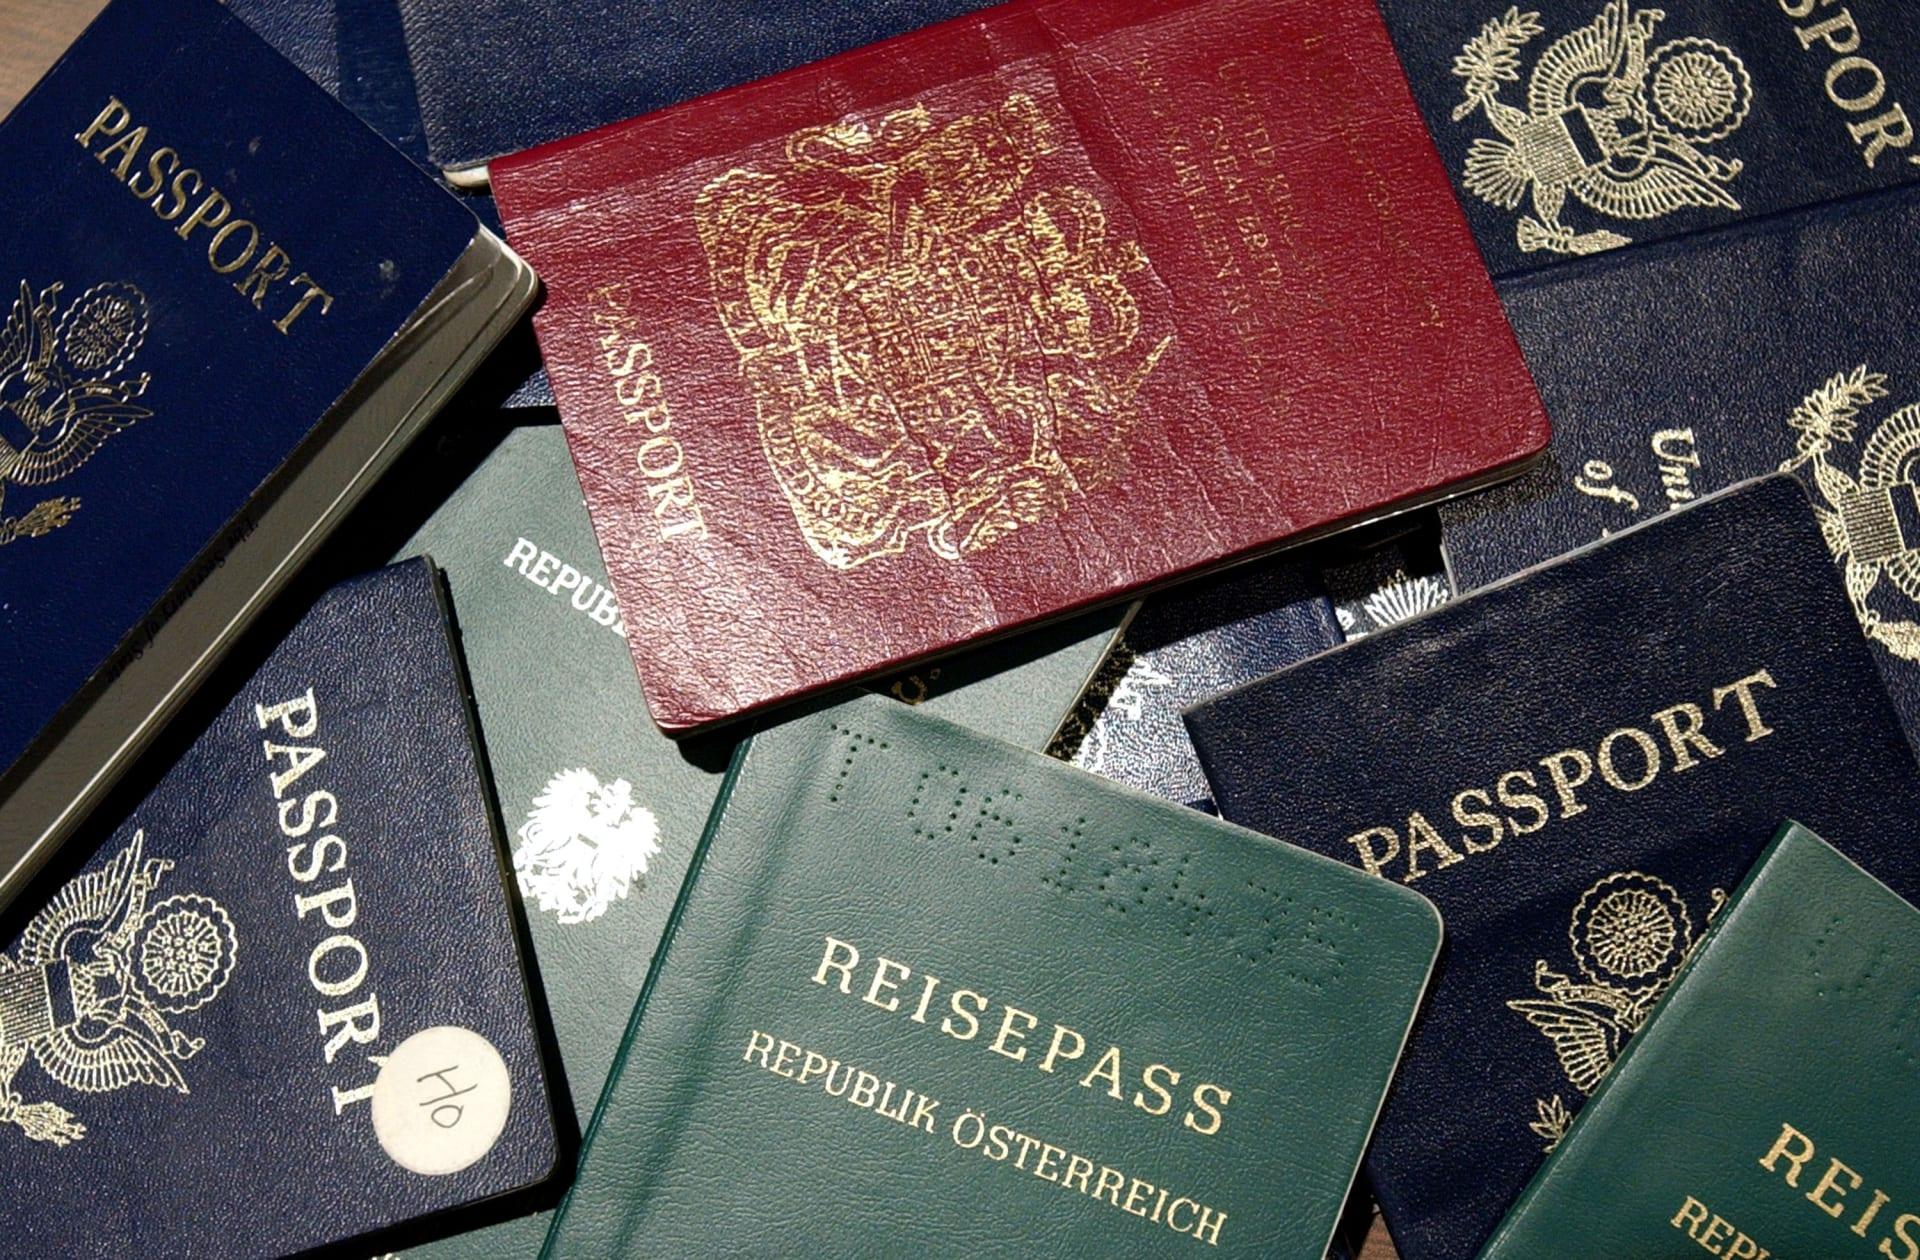 جواز السفر الألماني هو الأفضل عالمياً والإمارات الأقوى عربياً.. هذه أقوى جوازات السفر لعام 2017